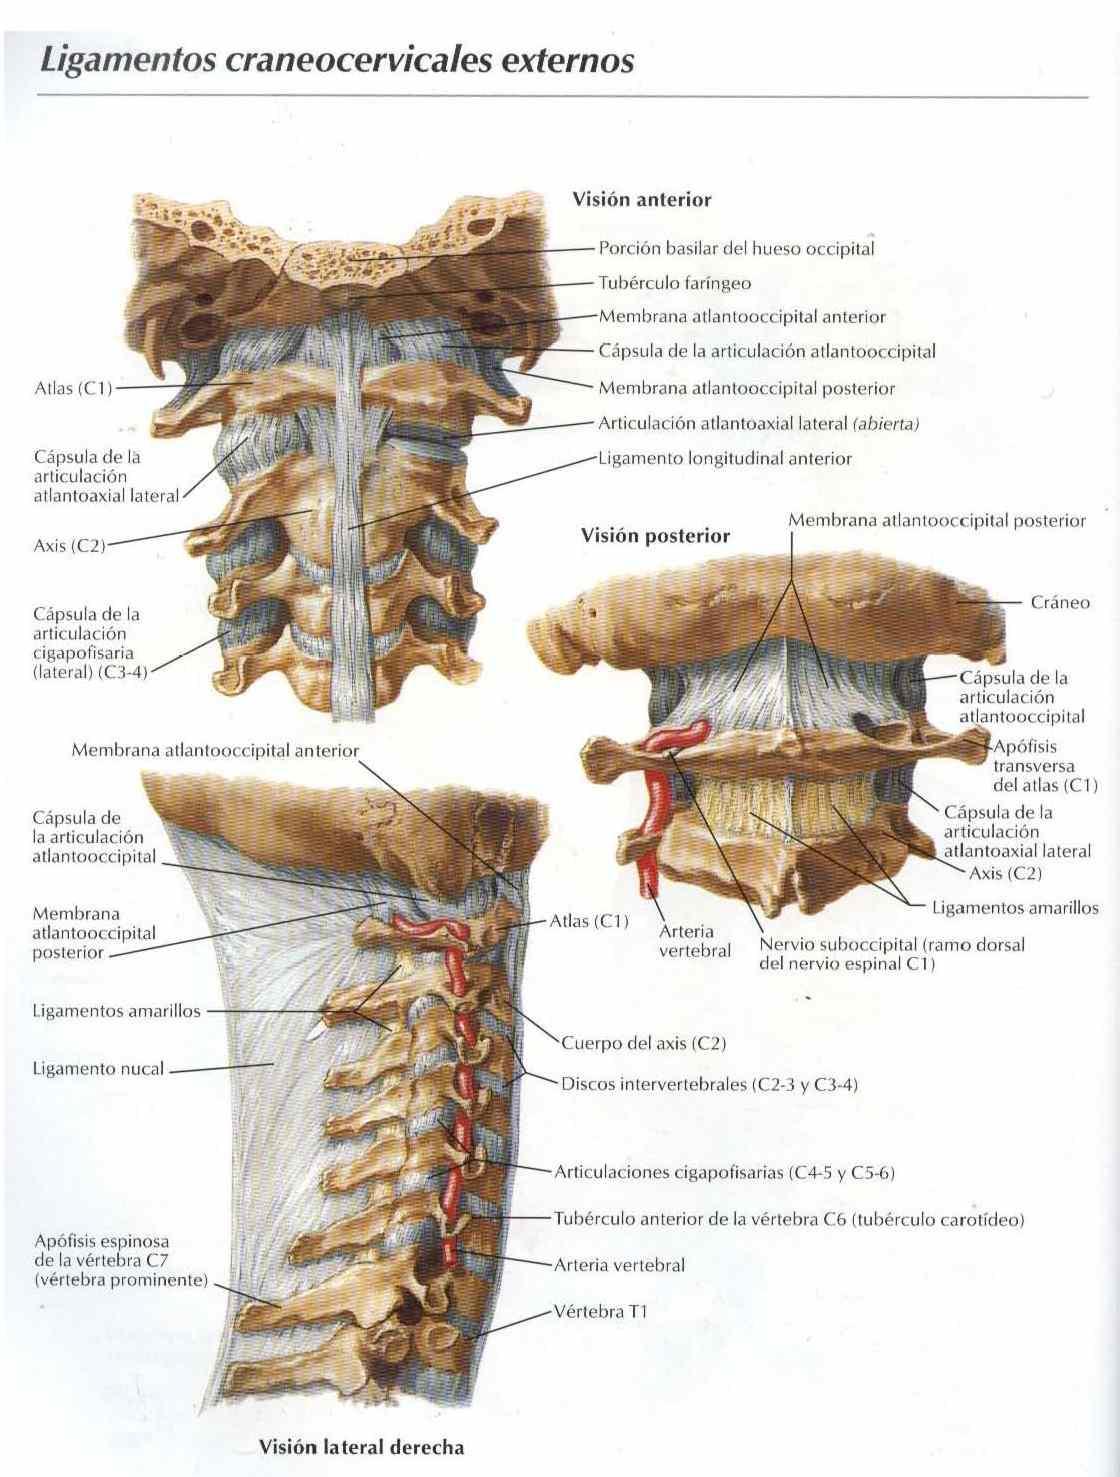 Ligamentos cráneocervicales externos - Salud, vida sana, la medicina ...